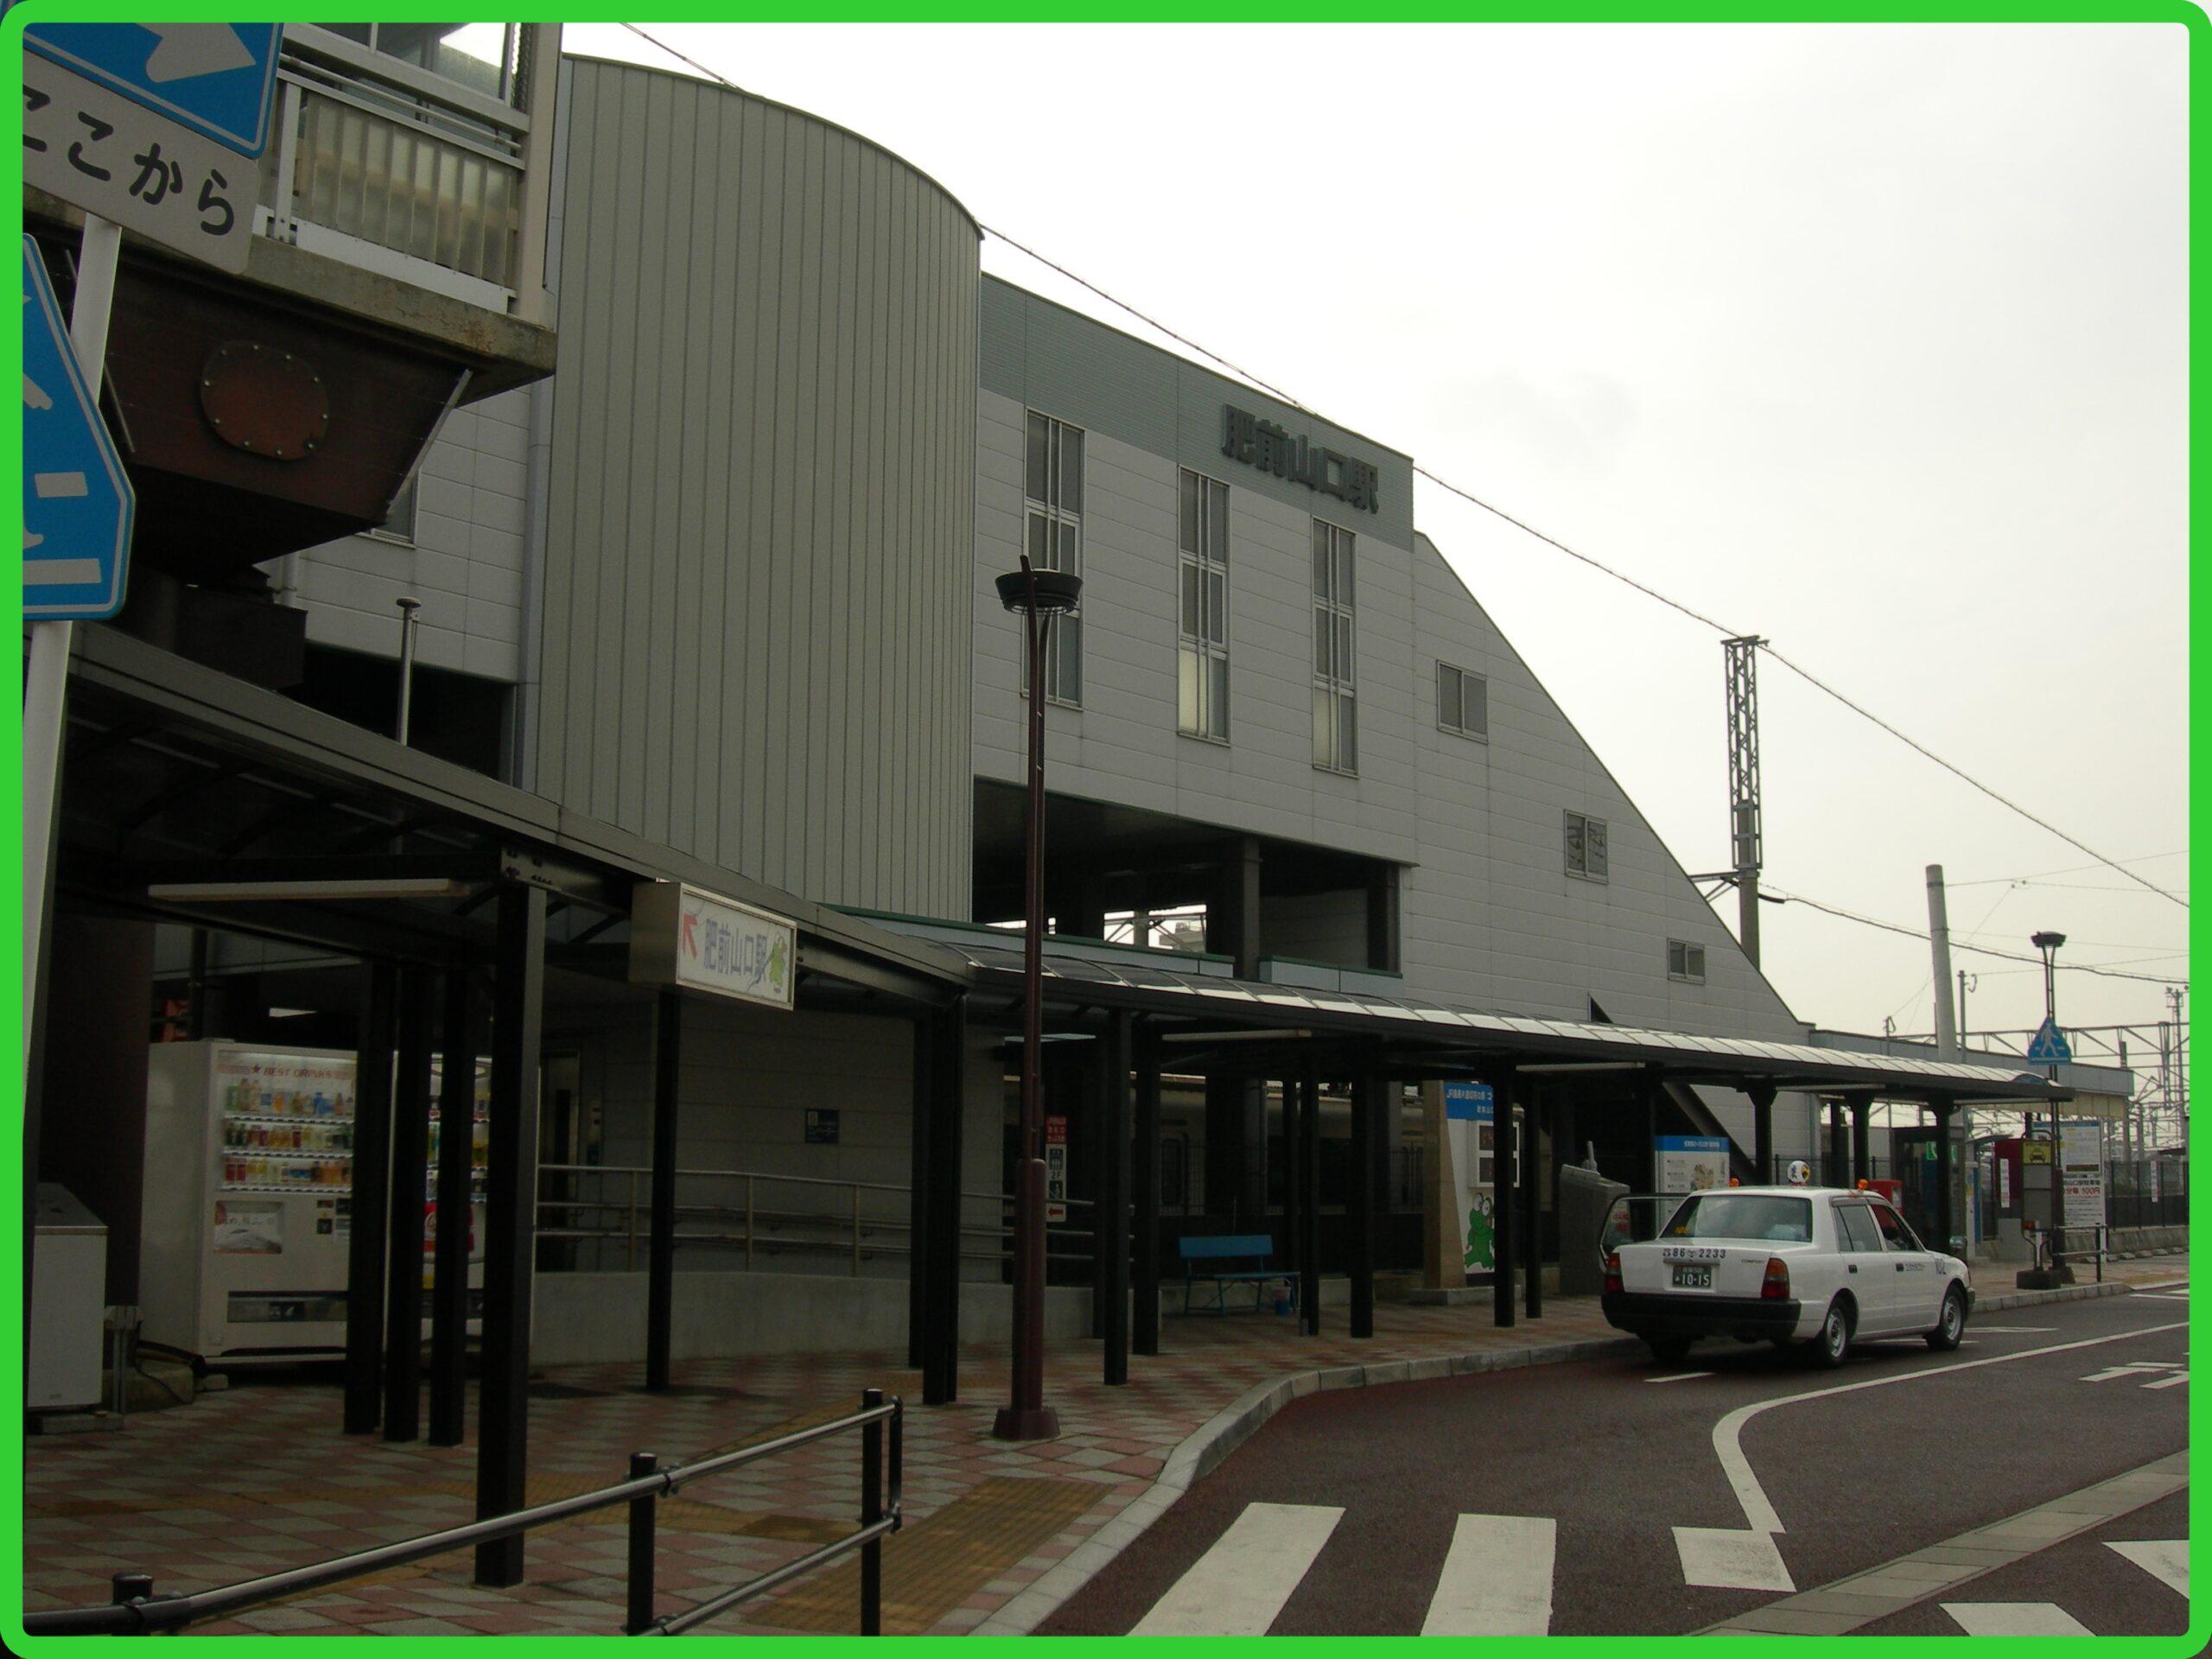 最長片道切符の終点「肥前山口」が消滅へ 「江北駅」に改称へ